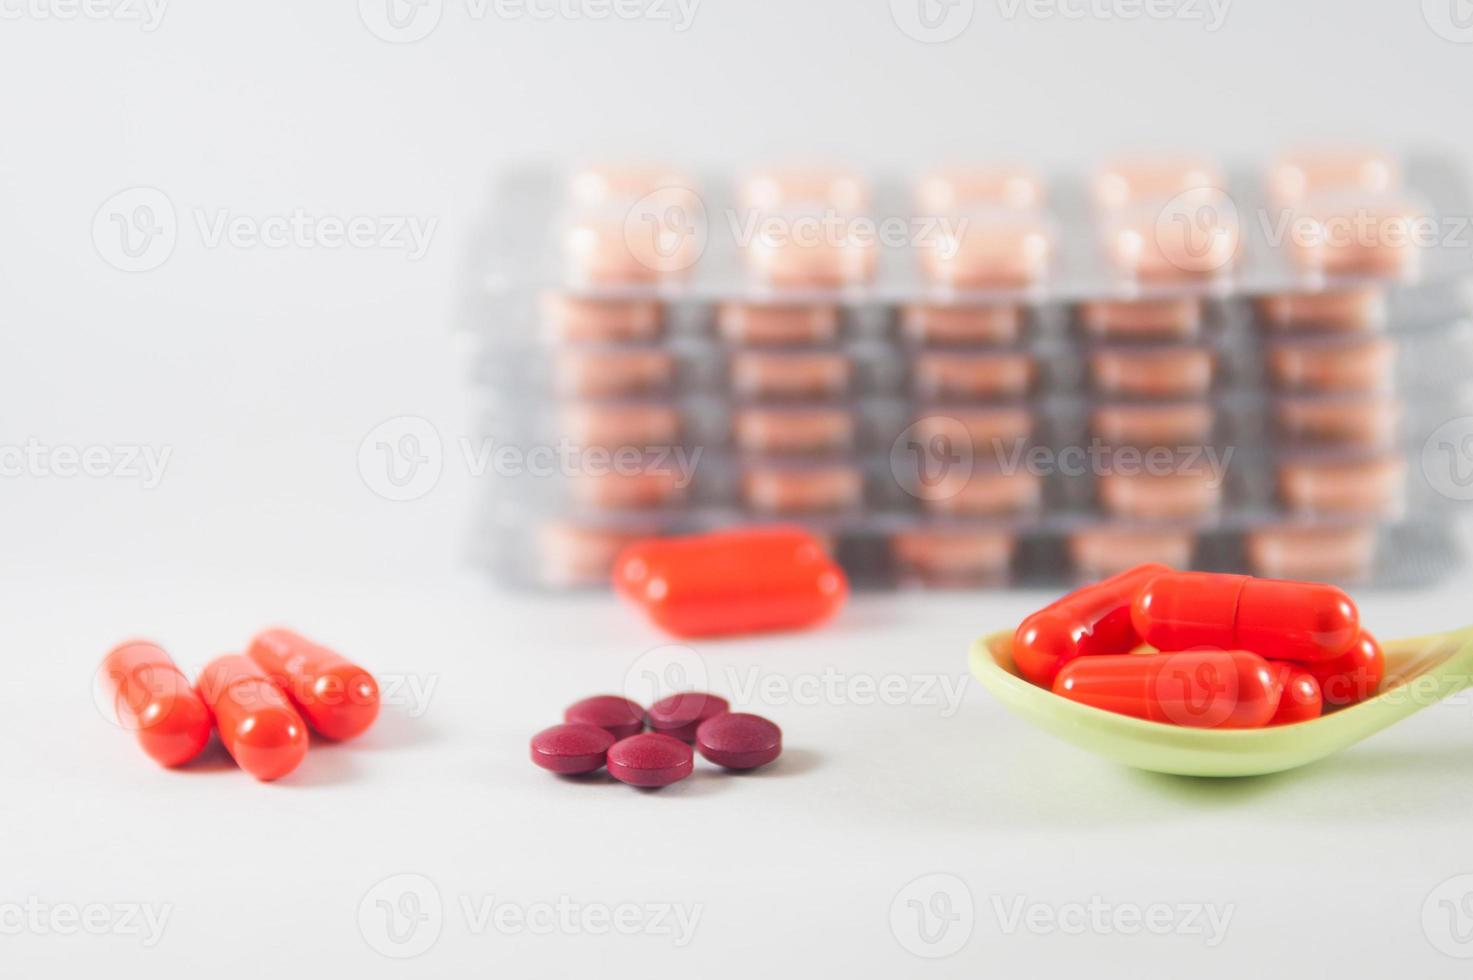 capsula arancione in cucchiaio su sfondo blister foto